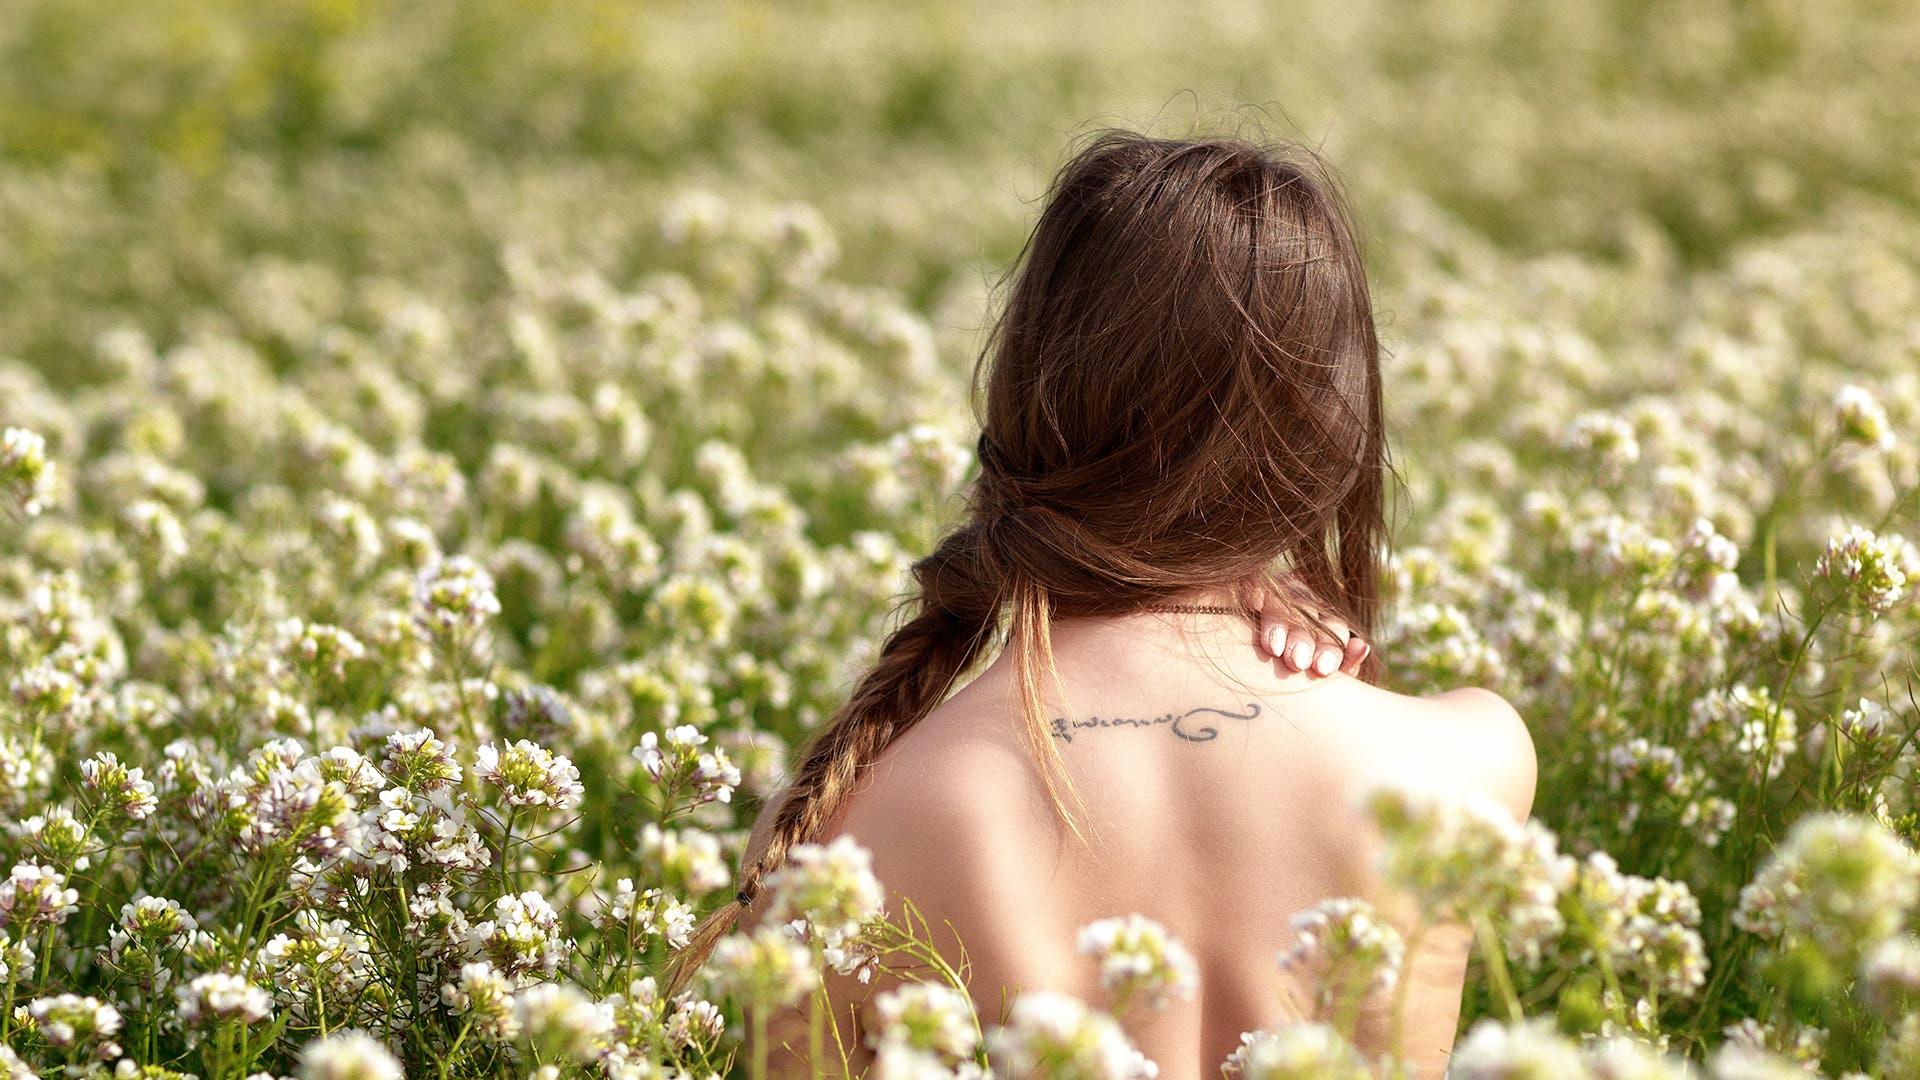 Картинки девушек с цветами задам